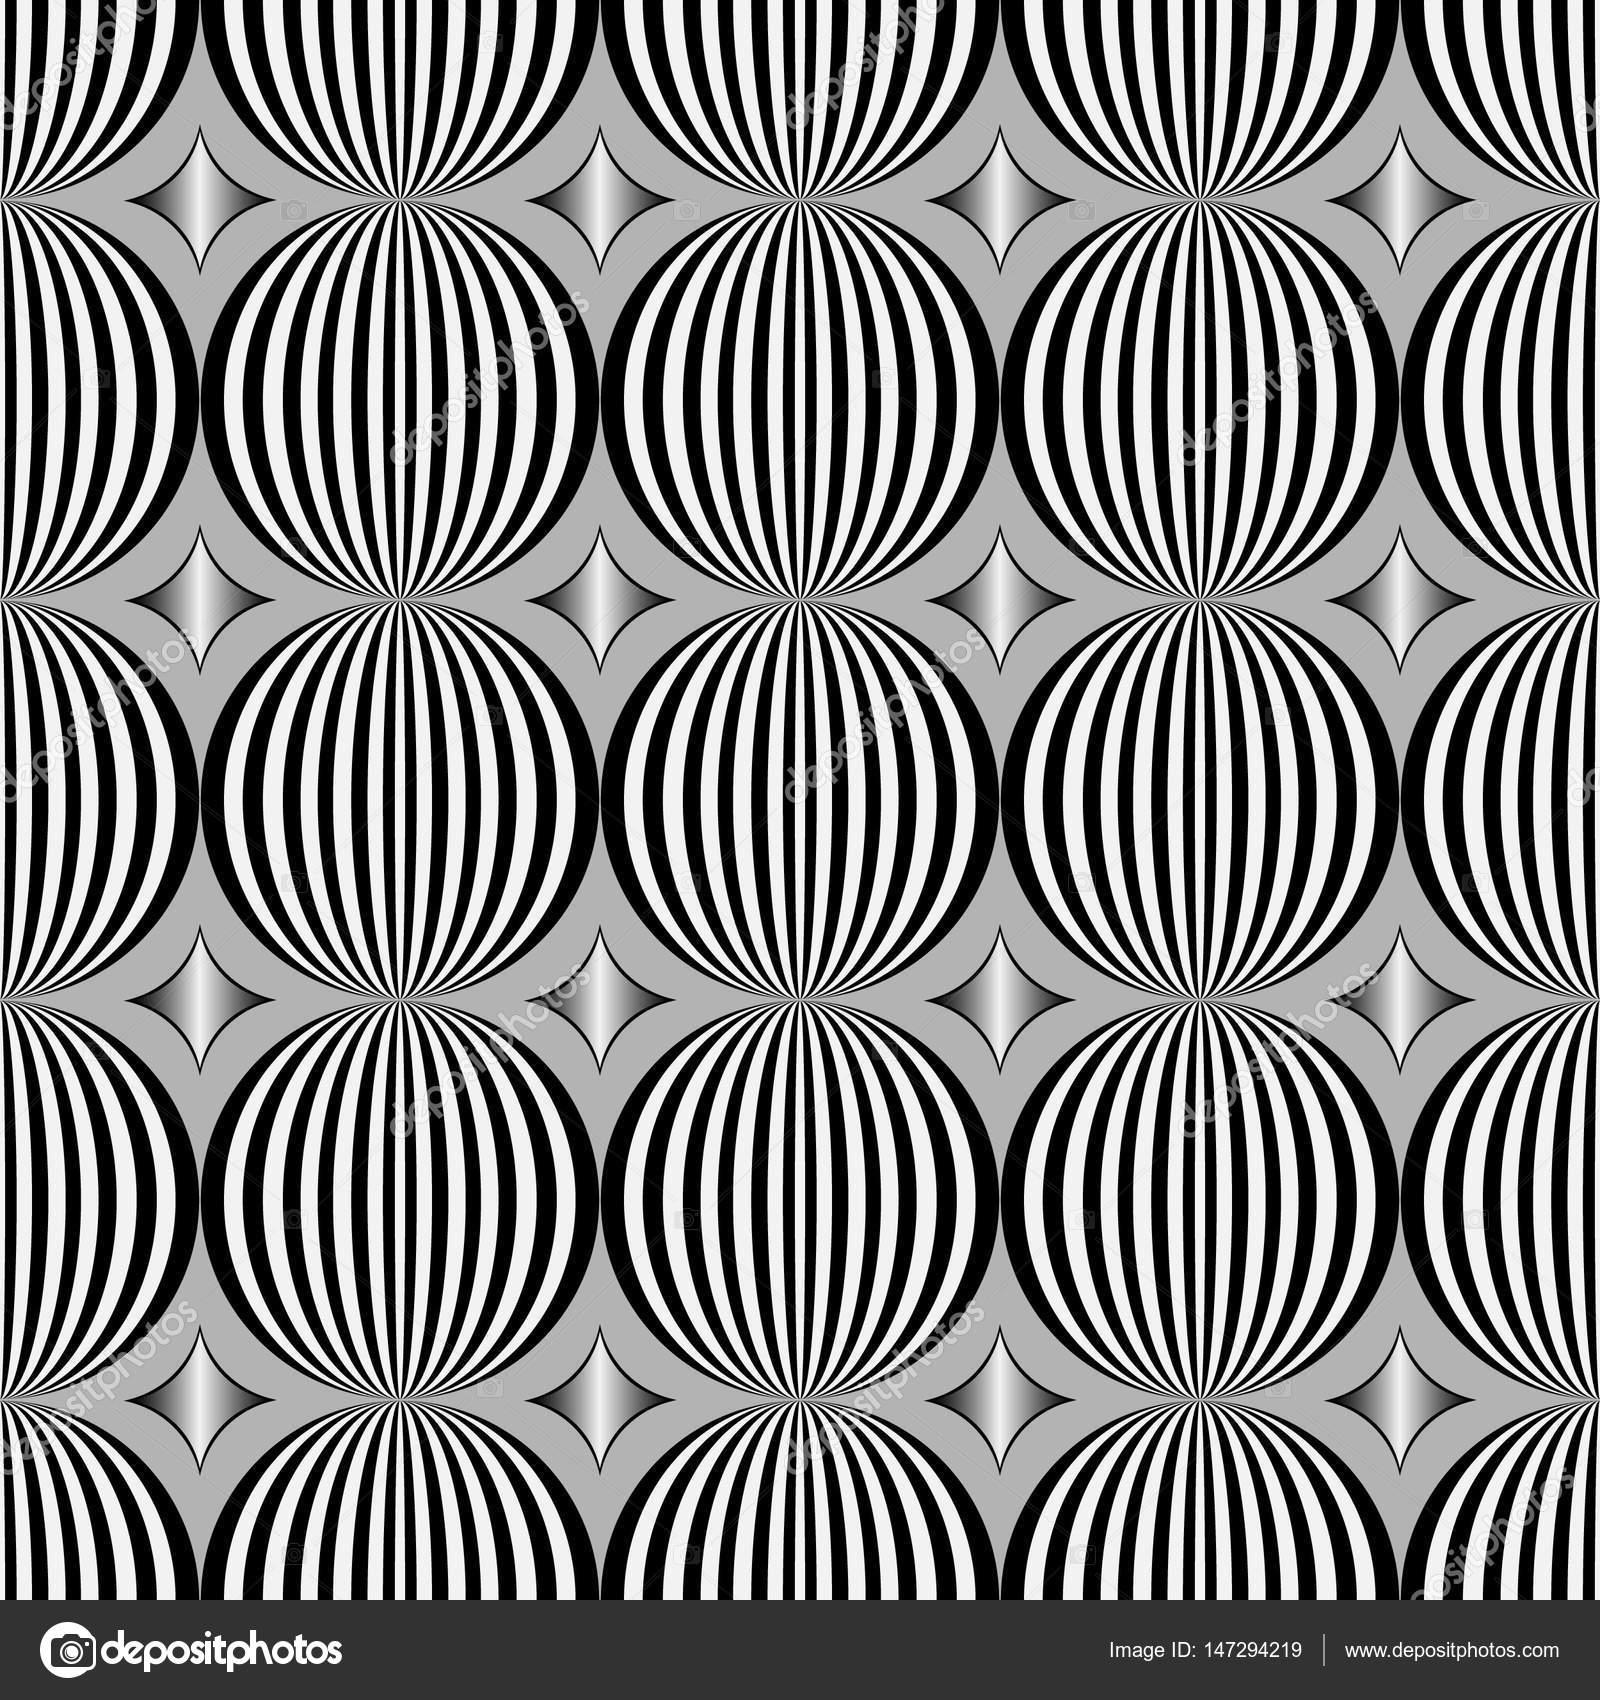 Nahtlose Muster, Einfache Minimal Textur. Regelmäßig Sich Wiederholende  Geometrische Fliesen Mit Rauten, Kreise